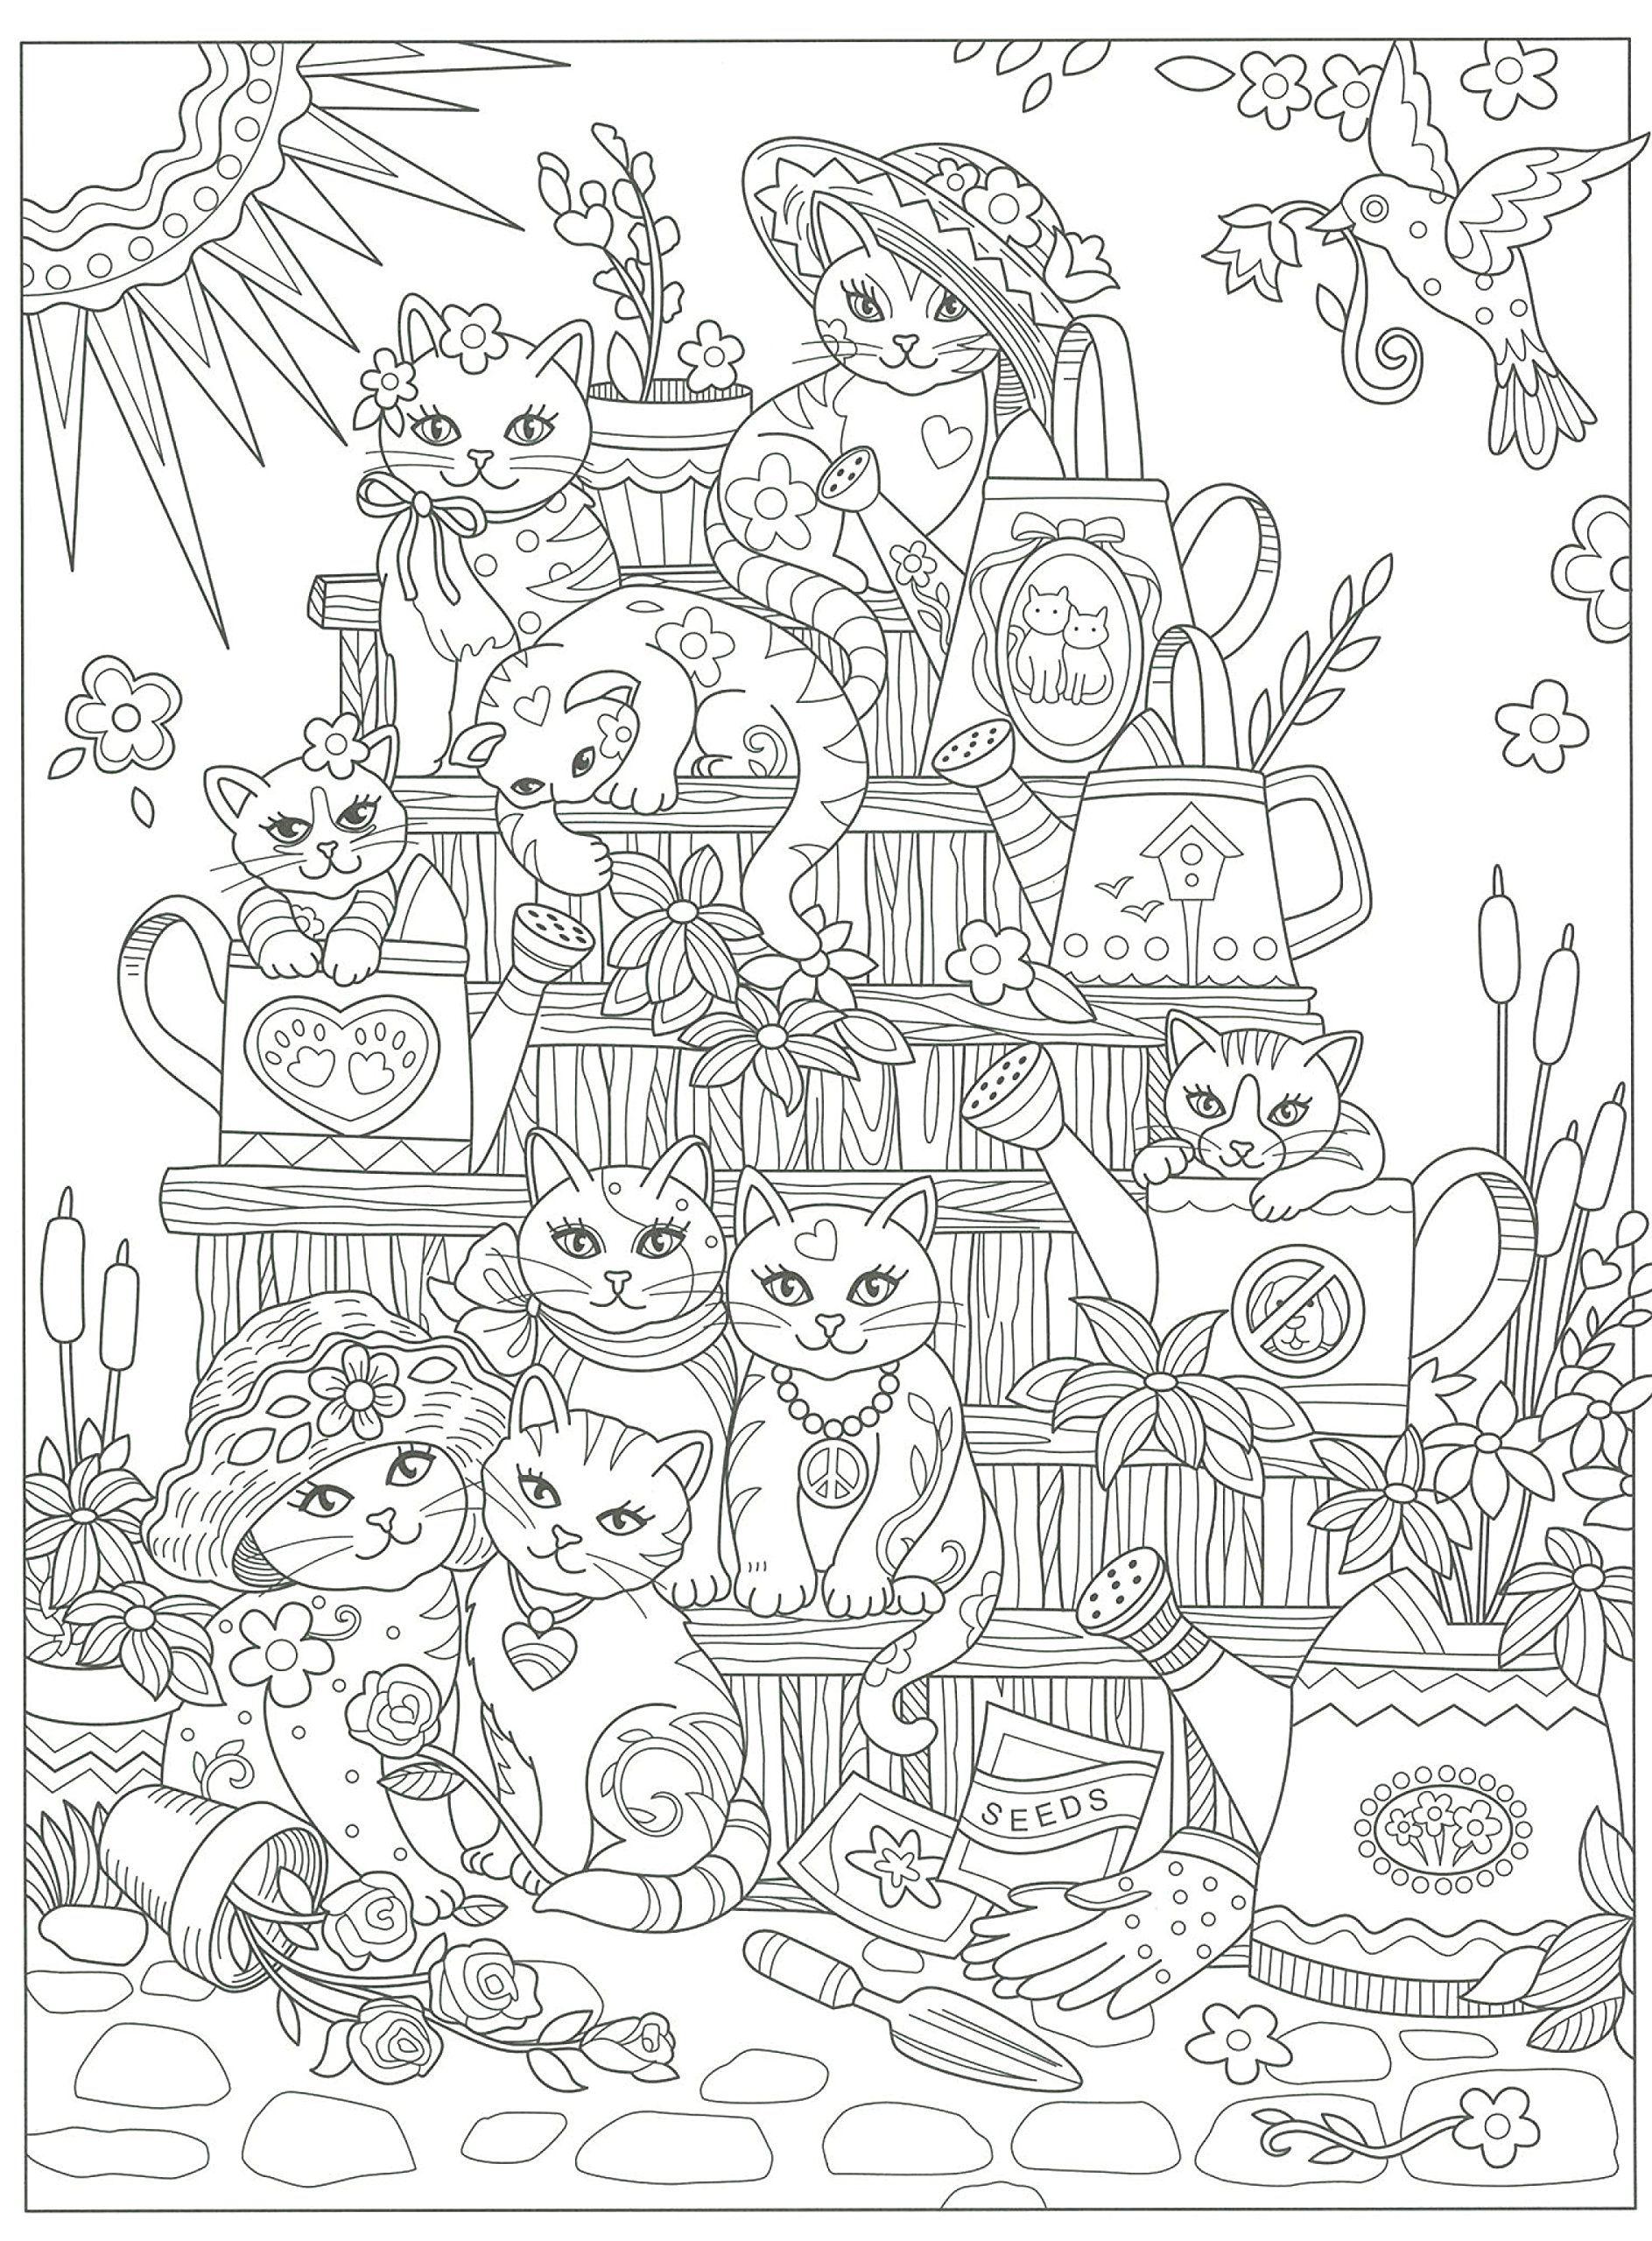 Pin de Charlean Starr en To Color | Pinterest | Mandalas, Colorear y ...